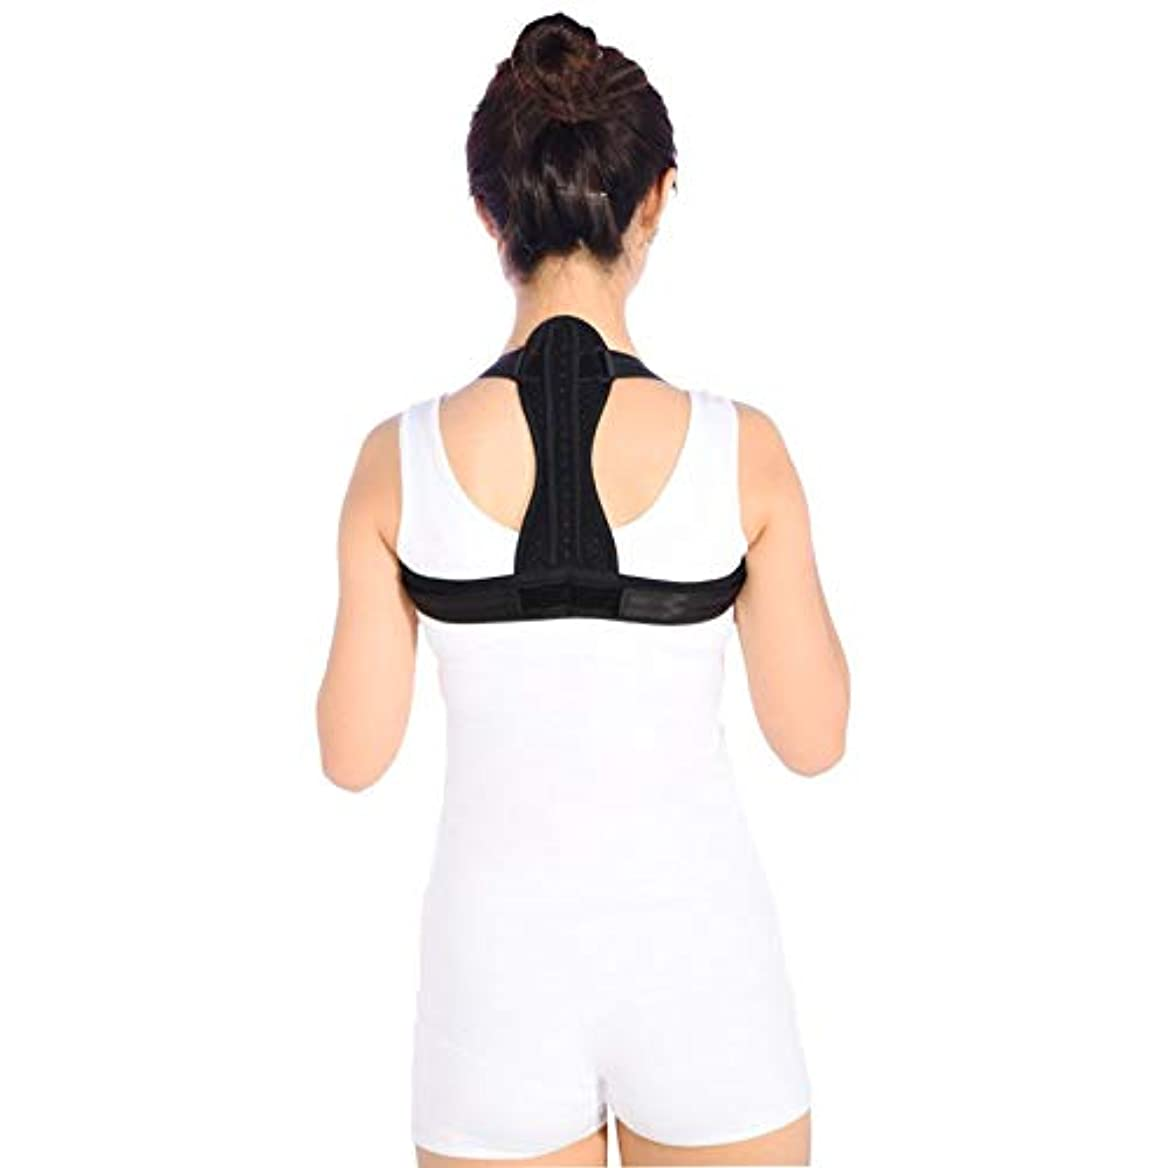 俳句ボイド証言する通気性の脊柱側弯症ザトウクジラ補正ベルト調節可能な快適さ目に見えないベルト男性女性大人学生子供 - 黒